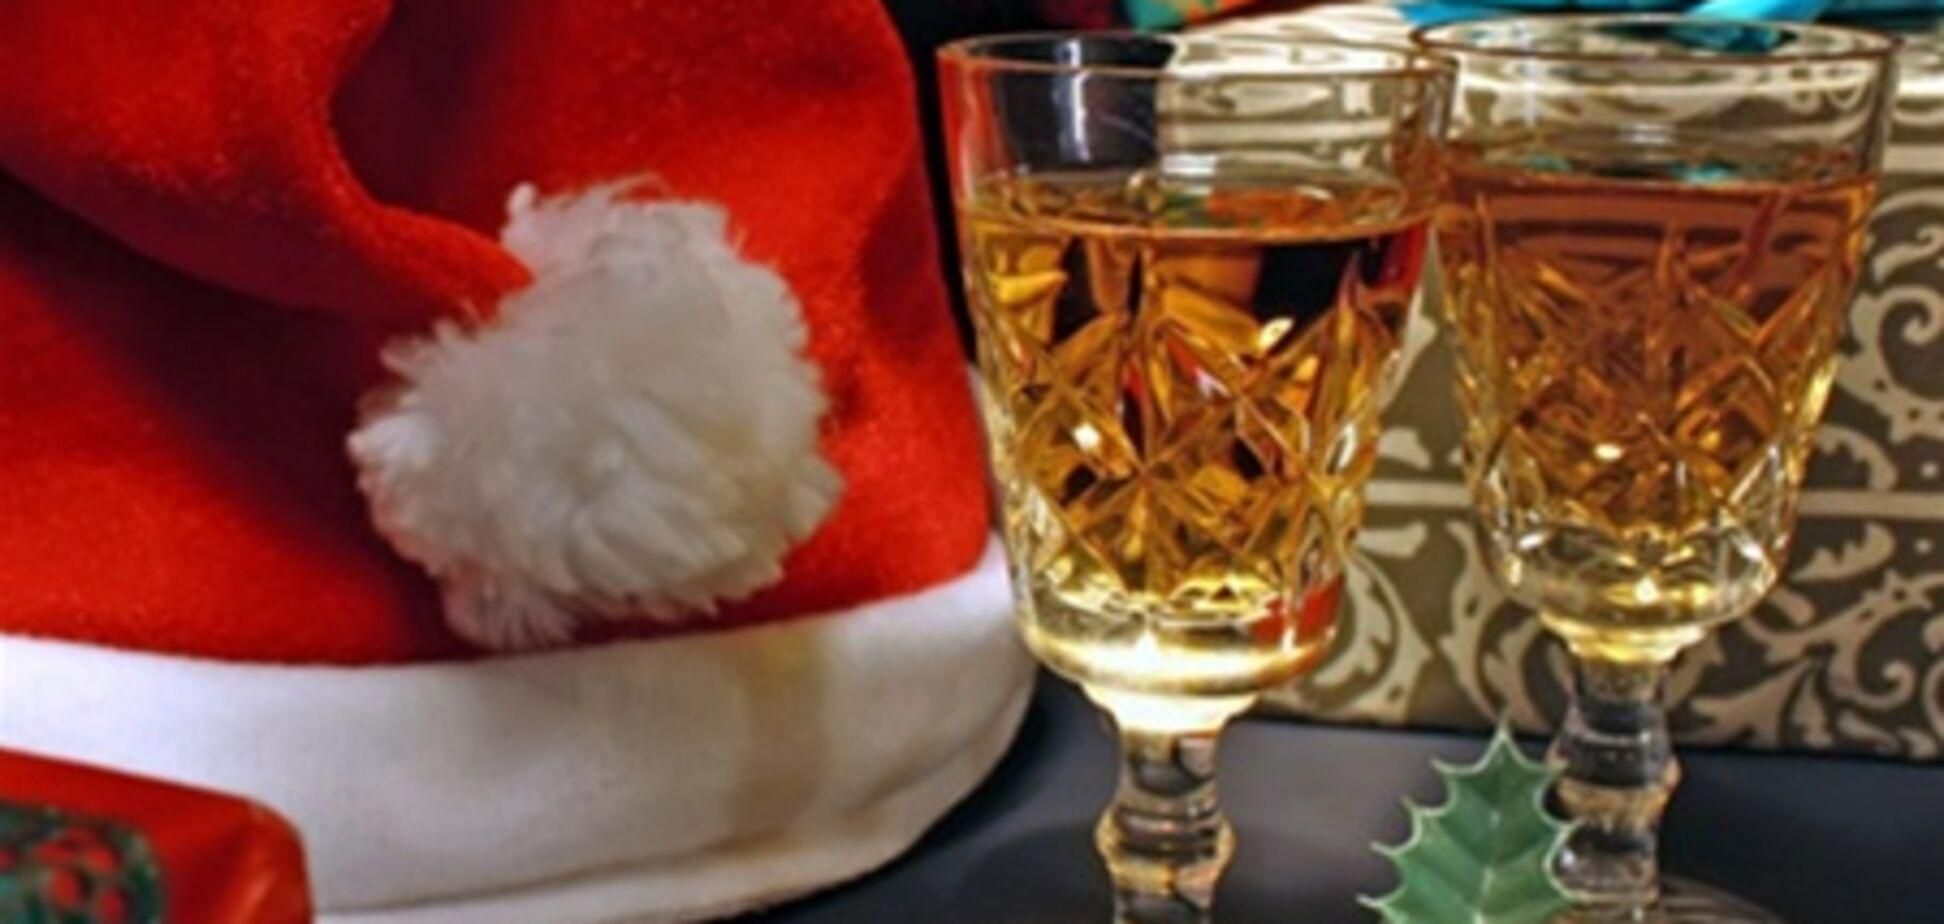 Осторожнее с алкоголем, или Как не отравиться в новогоднюю ночь